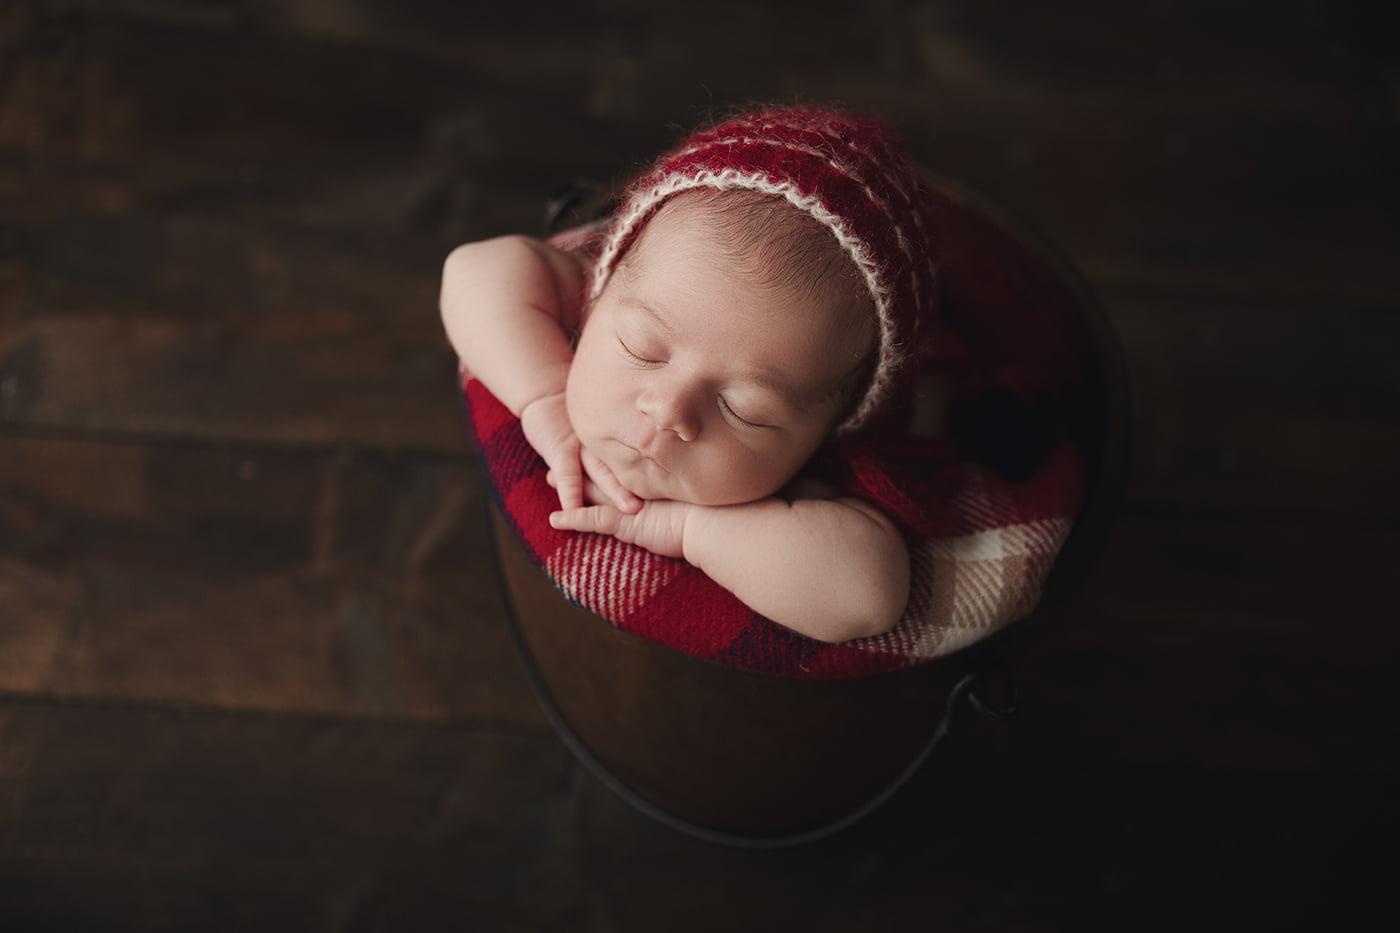 miruna - sedinta foto nou nascut